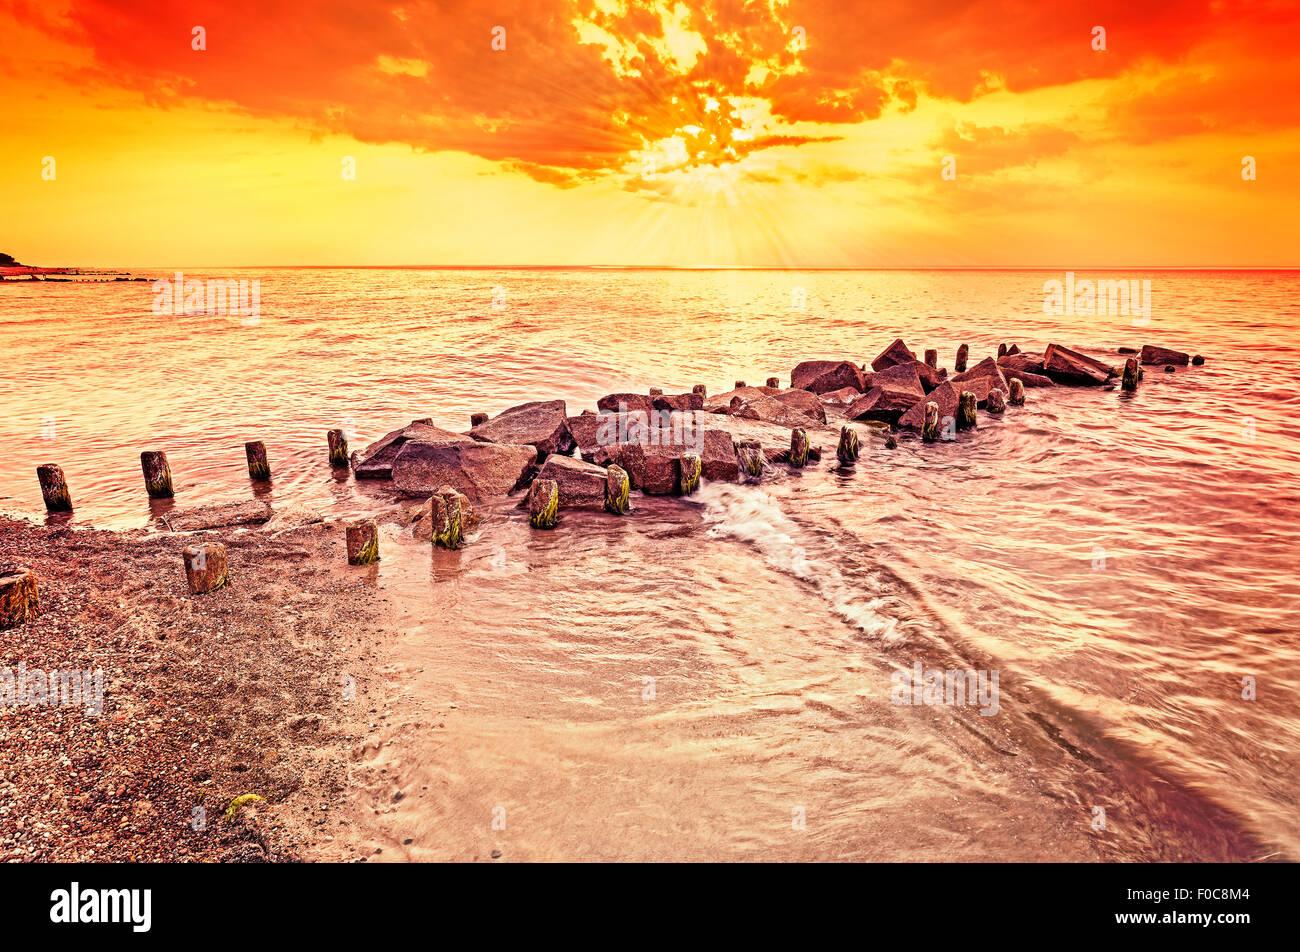 Schöne Bernstein Sonnenuntergang Strand, Sommer Hintergrund. Stockbild